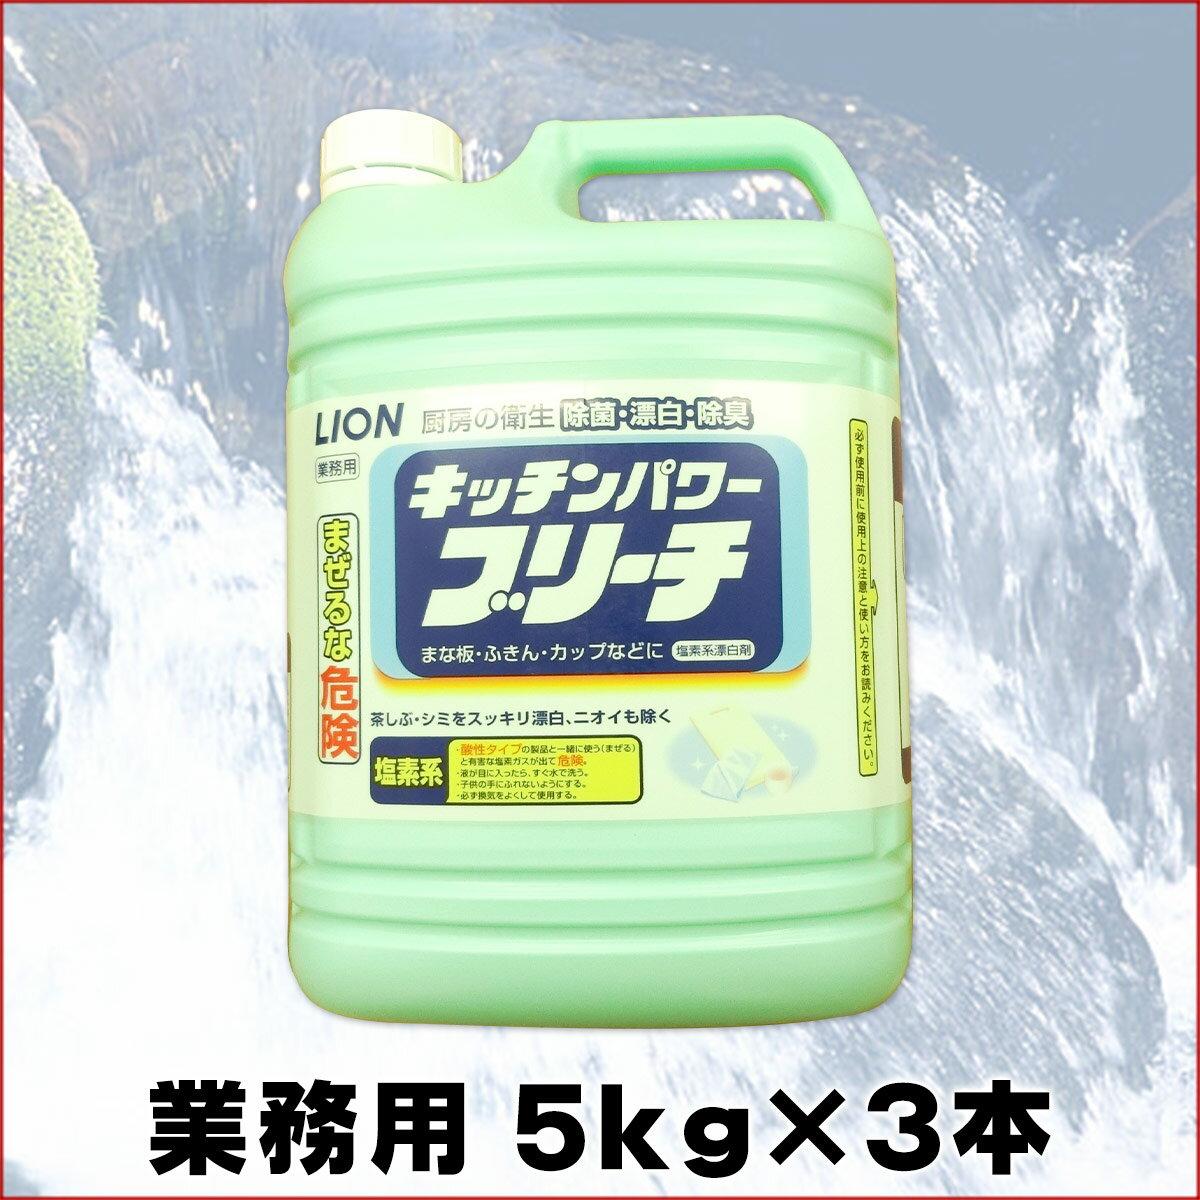 キッチンパワーブリーチ 5kg × 3本 【ラ...の紹介画像2